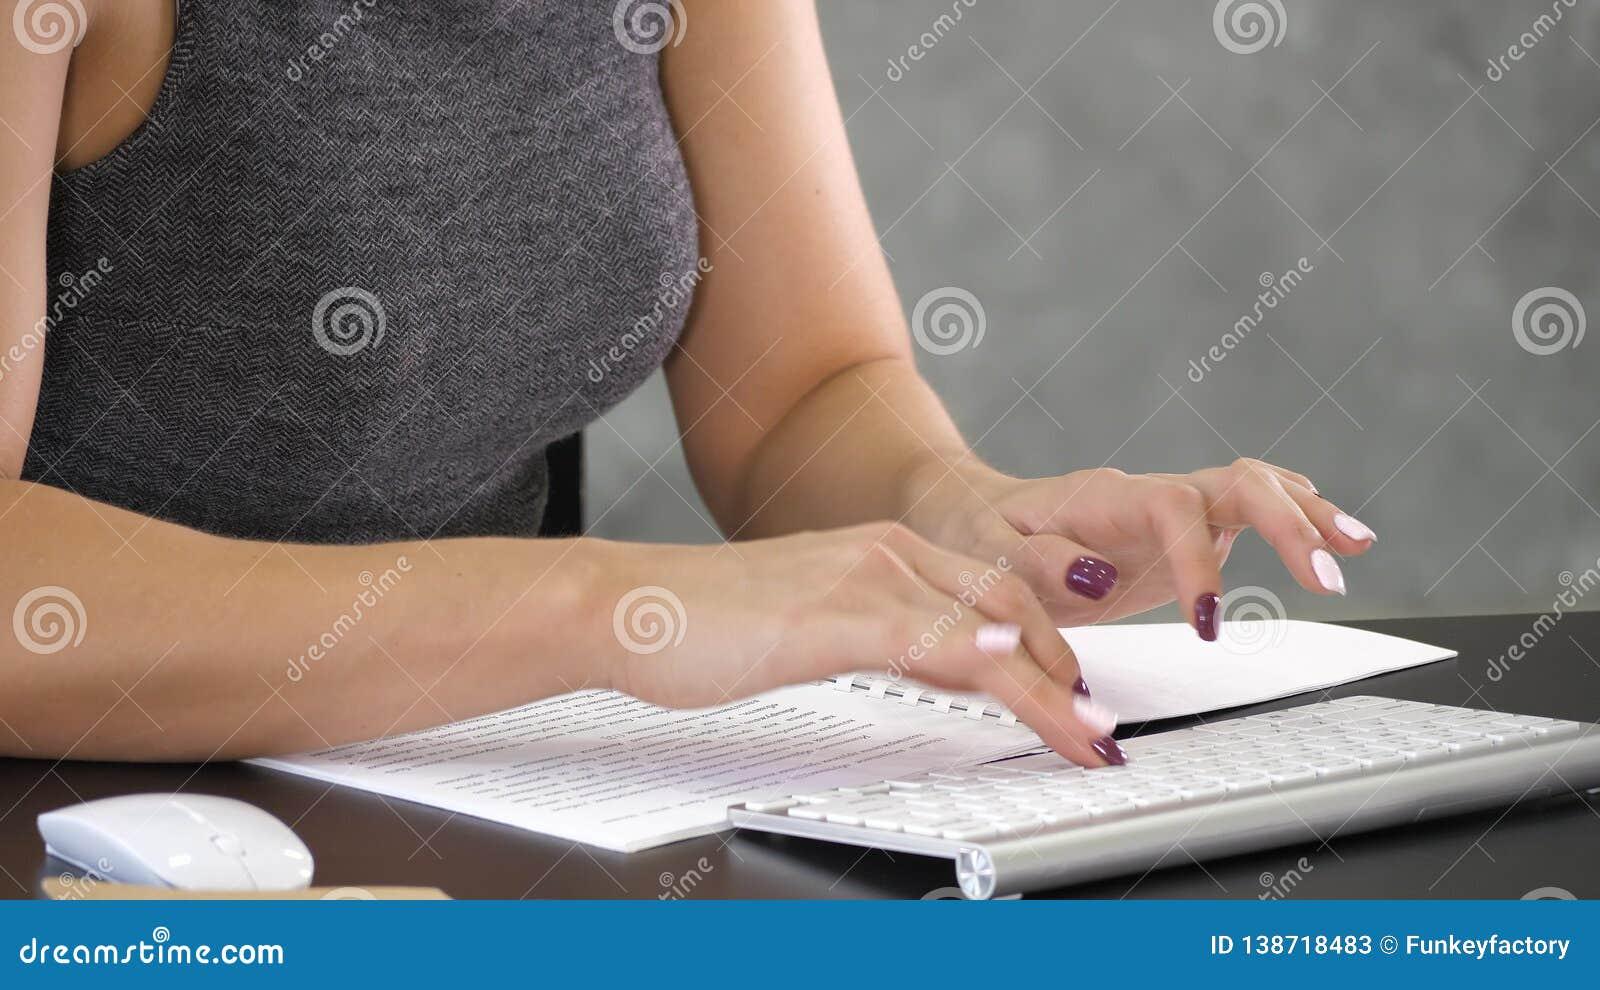 El mecanografiar ocupado de las manos femeninas en un teclado